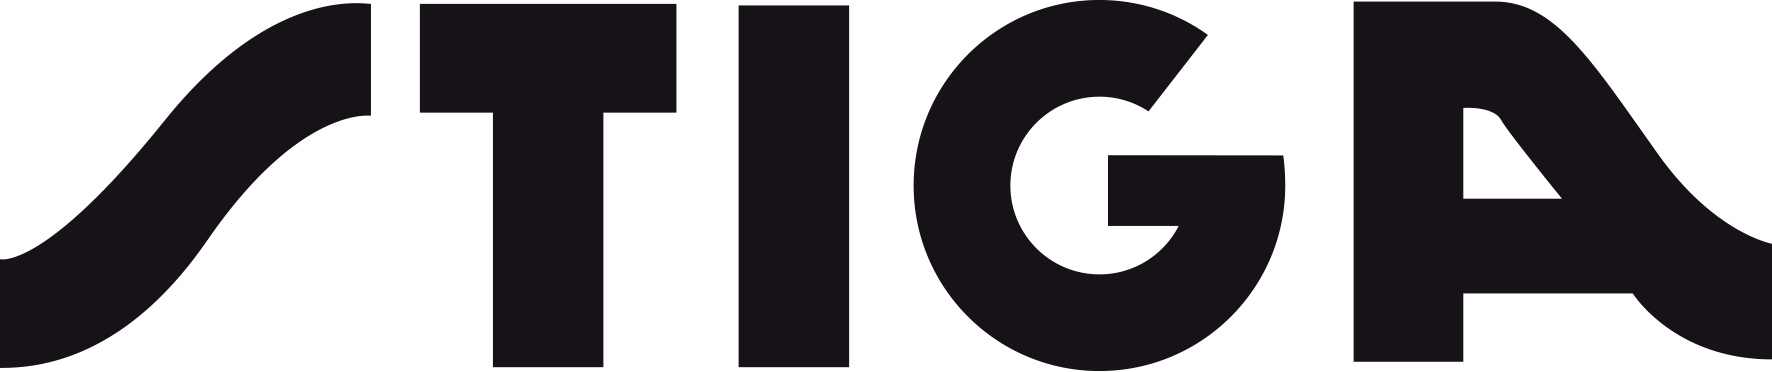 Stiga-logo